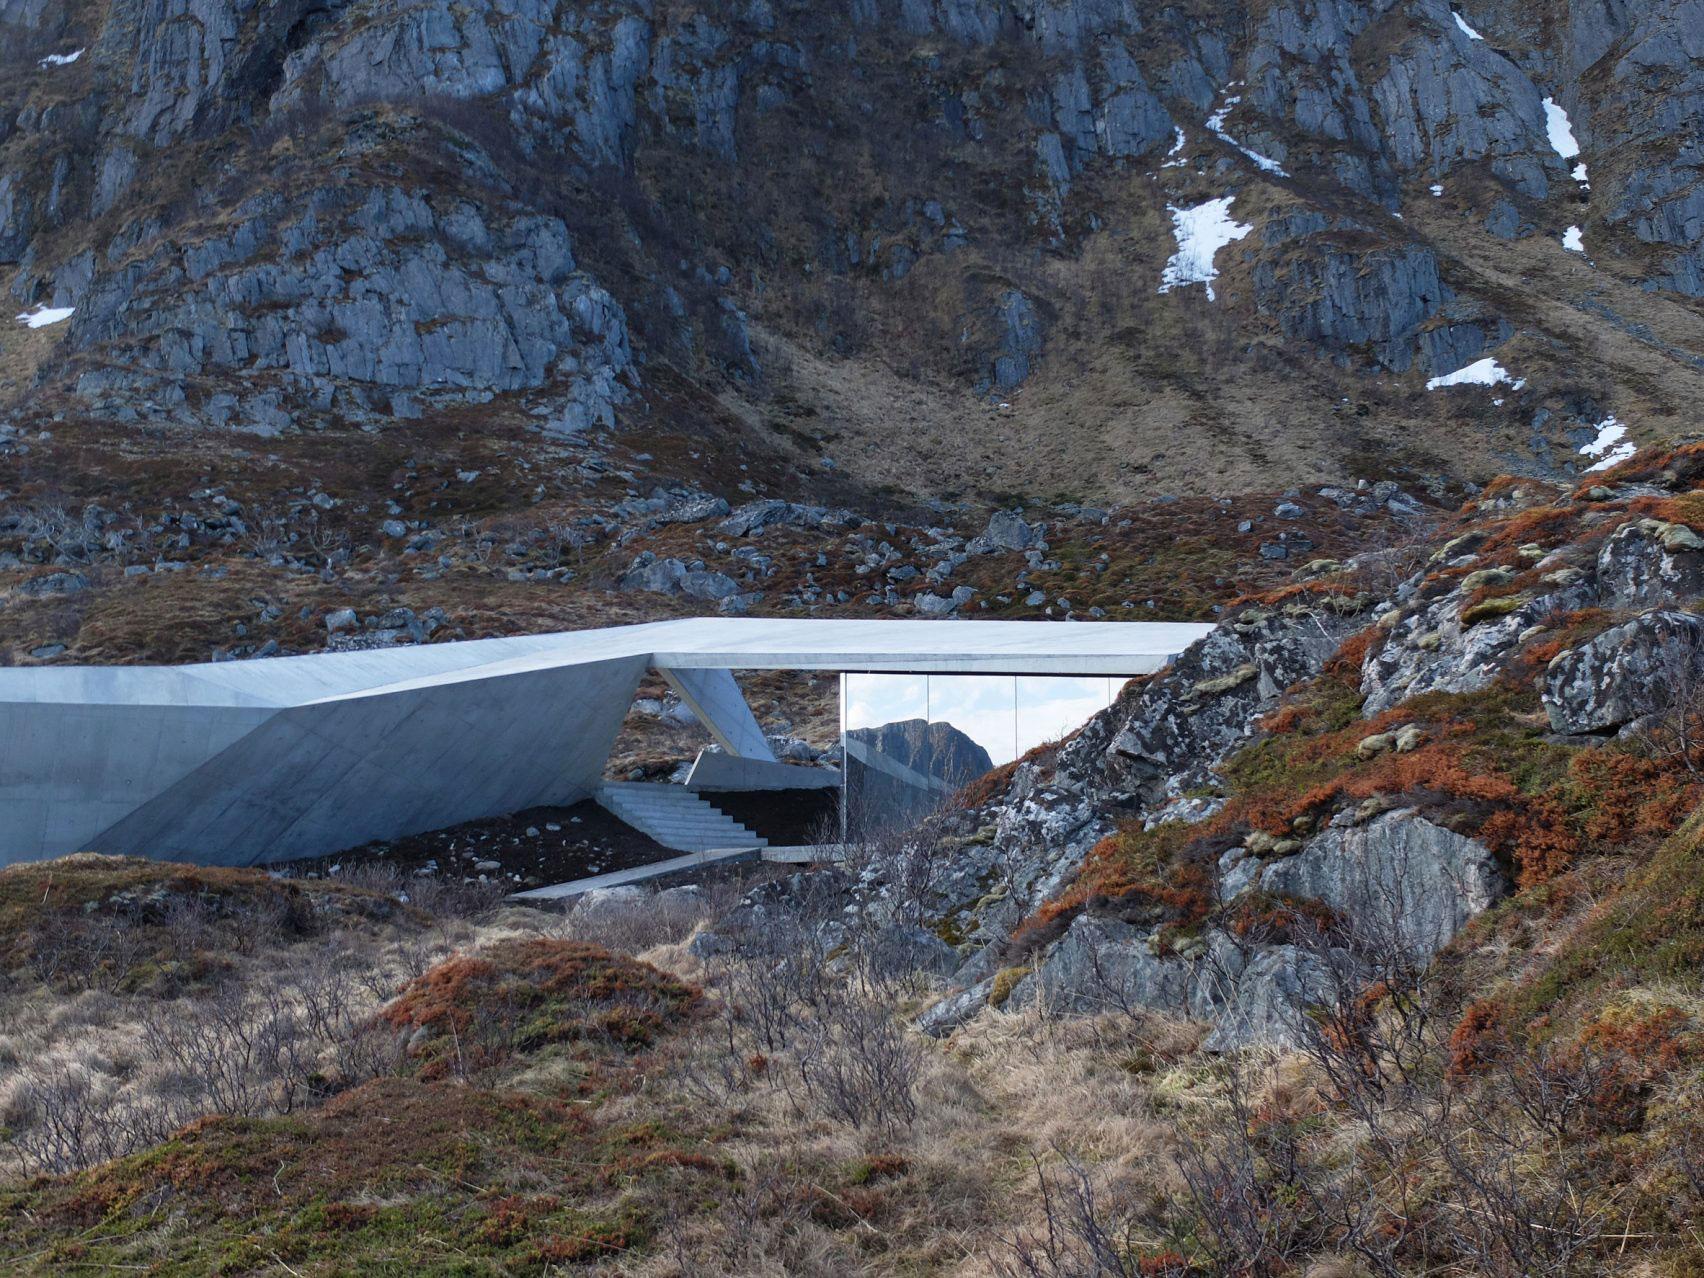 Bukkekjerka Rest Area, Norway, Morfeus Arkitekter, Photography Caroline Stovring